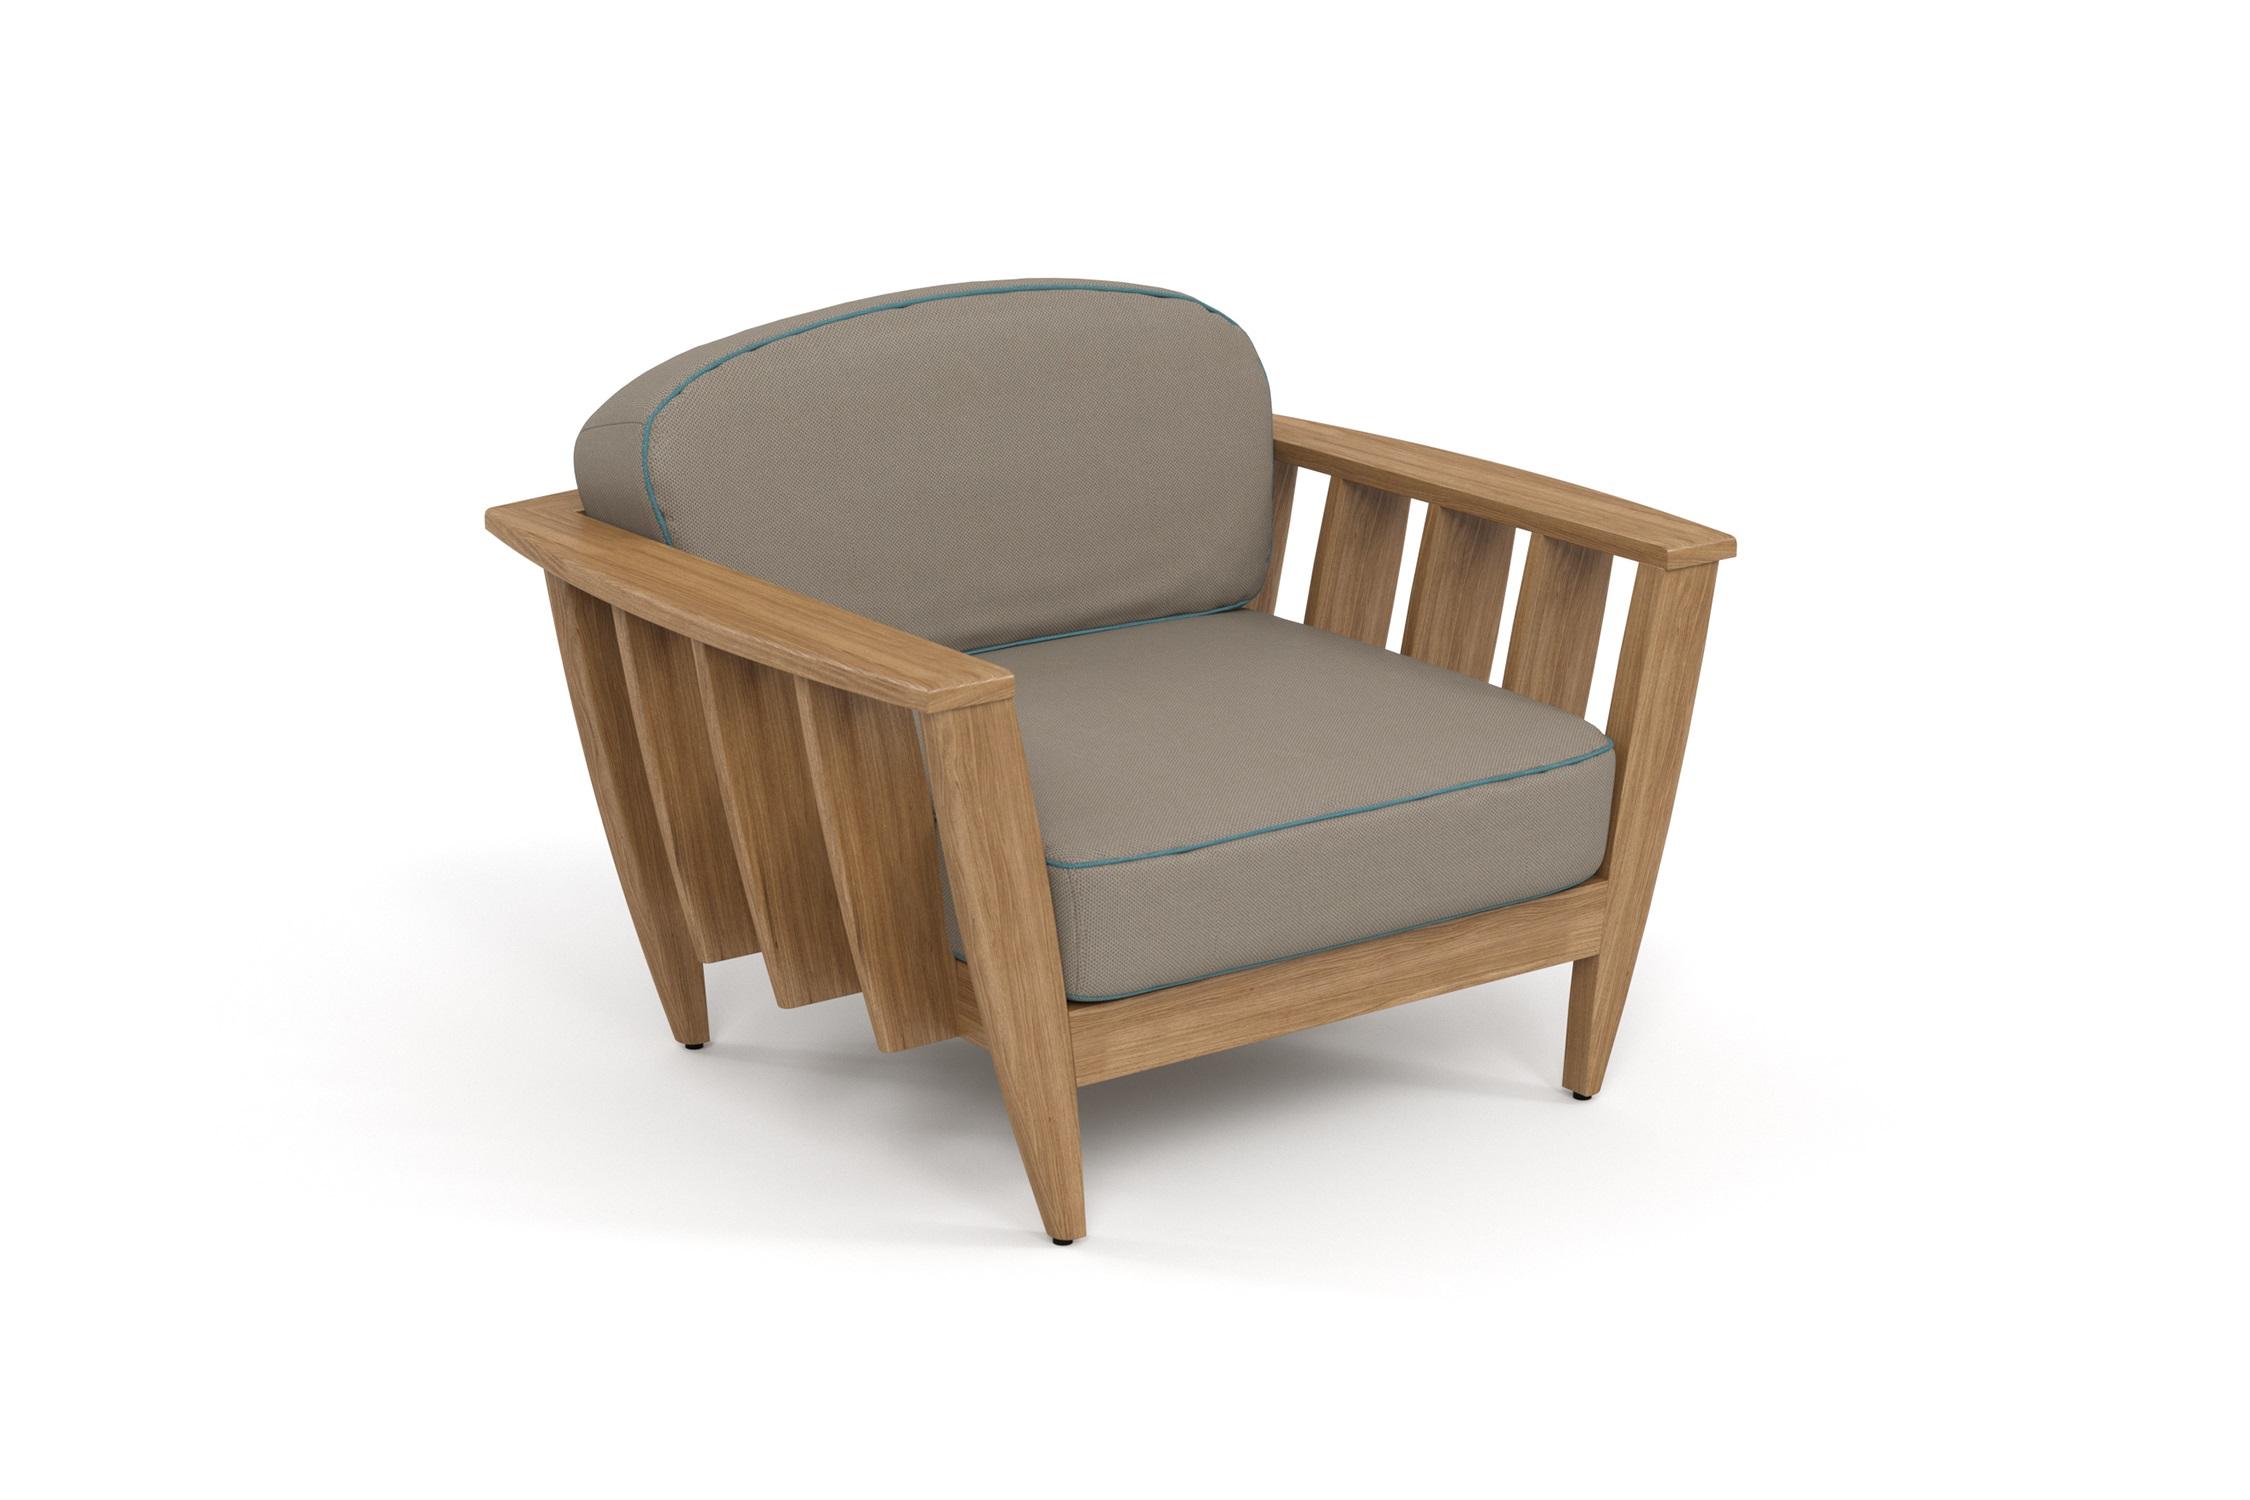 Кресло лаунж ReefКресла для сада<br>&amp;lt;div&amp;gt;Коллекция REEF - уникальный дизайн, сочетающий в себе надежность, теплоту дерева и продуманность форм. Мягкие удобные подушки, выполненные в контрастной цветовой гамме, сразу привлекают внимание к уютному уголку отдыха. Коллекция универсальна: предназначена для уединения отдыха в тенистой зелени сада, неспешных обедов во внутреннем дворике или досуга у воды.&amp;amp;nbsp;&amp;lt;/div&amp;gt;&amp;lt;div&amp;gt;Высота посадки:390мм.&amp;lt;/div&amp;gt;&amp;lt;div&amp;gt;&amp;lt;br&amp;gt;&amp;lt;/div&amp;gt;&amp;lt;div&amp;gt;Тик – прочная и твердая древесина, относится к ценным породам. Имеет темно-золотистый цвет и сохраняет его на протяжении очень длительного срока. Со временем приобретает благородный темно-серый или темно-коричневый цвет. Благодаря высокому содержанию природных масел, обладает высокой стойкостью против гниения, кислот и щелочей, не вызывает коррозию металлов. Тик содержит кислоты кремния и танина, придающие материалу стойкость к воздействию вредных внешних факторов. Древесина тика не подвержена воздействию термитов, не требует дополнительной антибактериальной обработки. Мебель из тика допускает круглогодичную эксплуатацию на открытом воздухе, выдерживает перепады температур от –30 до +30С. Срок службы более 25 лет.&amp;lt;/div&amp;gt;&amp;lt;div&amp;gt;&amp;lt;br&amp;gt;&amp;lt;/div&amp;gt;&amp;lt;div&amp;gt;Sunbrella® – акриловая ткань с водоотталкивающими свойствами от мирового лидера в производстве тканей для яхт.&amp;lt;/div&amp;gt;&amp;lt;div&amp;gt;&amp;lt;br&amp;gt;&amp;lt;/div&amp;gt;<br><br>&amp;lt;iframe width=&amp;quot;530&amp;quot; height=&amp;quot;300&amp;quot; src=&amp;quot;https://www.youtube.com/embed/uL9Kujh07kc&amp;quot; frameborder=&amp;quot;0&amp;quot; allowfullscreen=&amp;quot;&amp;quot;&amp;gt;&amp;lt;/iframe&amp;gt;<br><br>Material: Тик<br>Ширина см: 111.0<br>Высота см: 77.0<br>Глубина см: 95